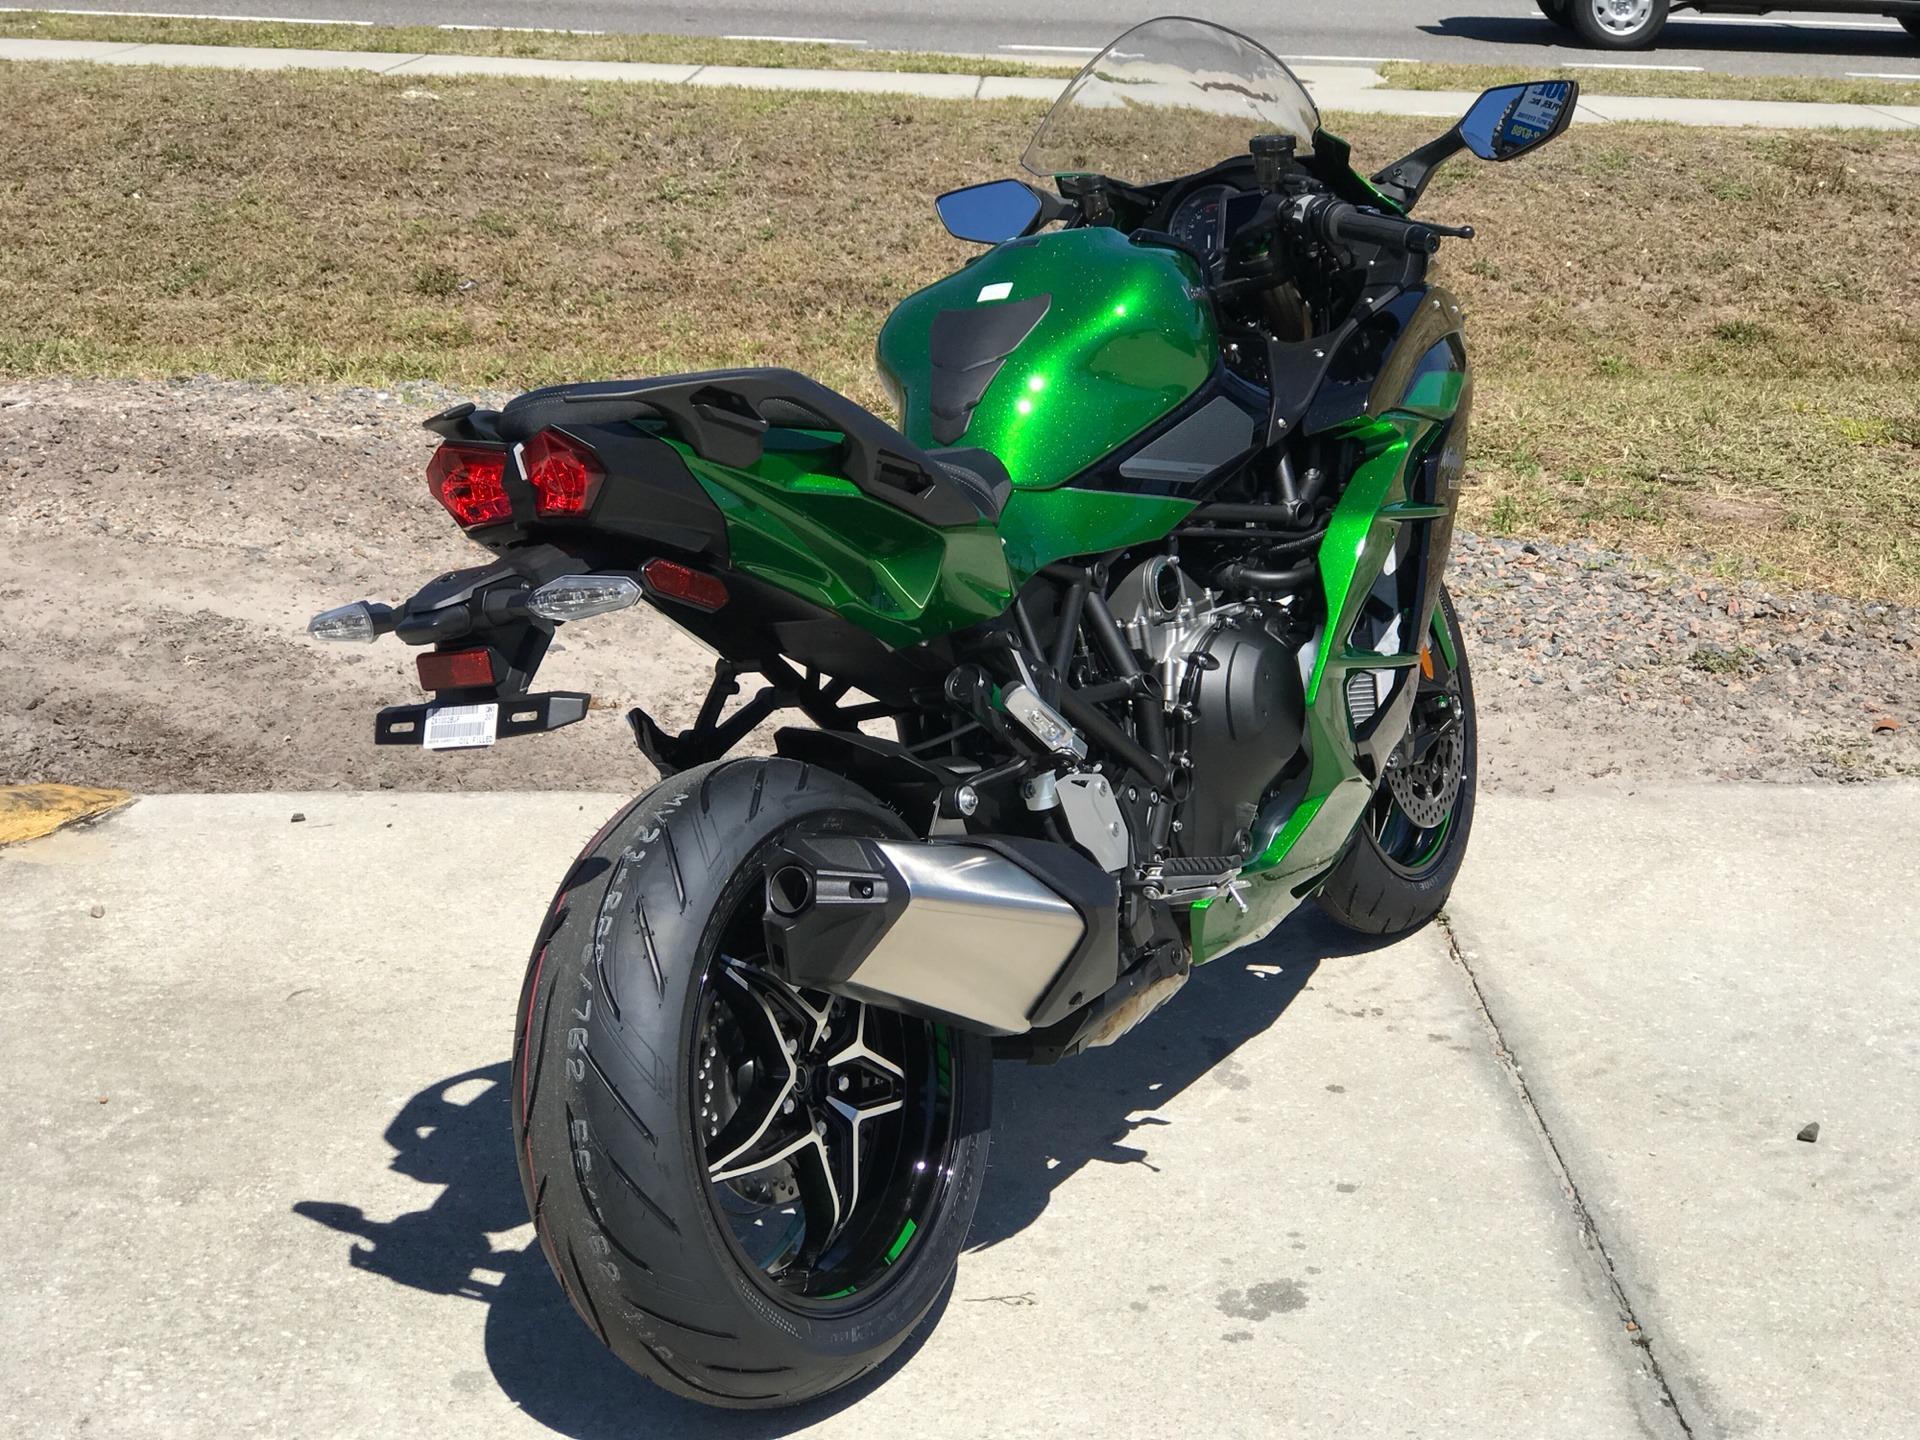 2018 Kawasaki Ninja H2 Sx Se Motorcycles Orlando Florida H2sxse